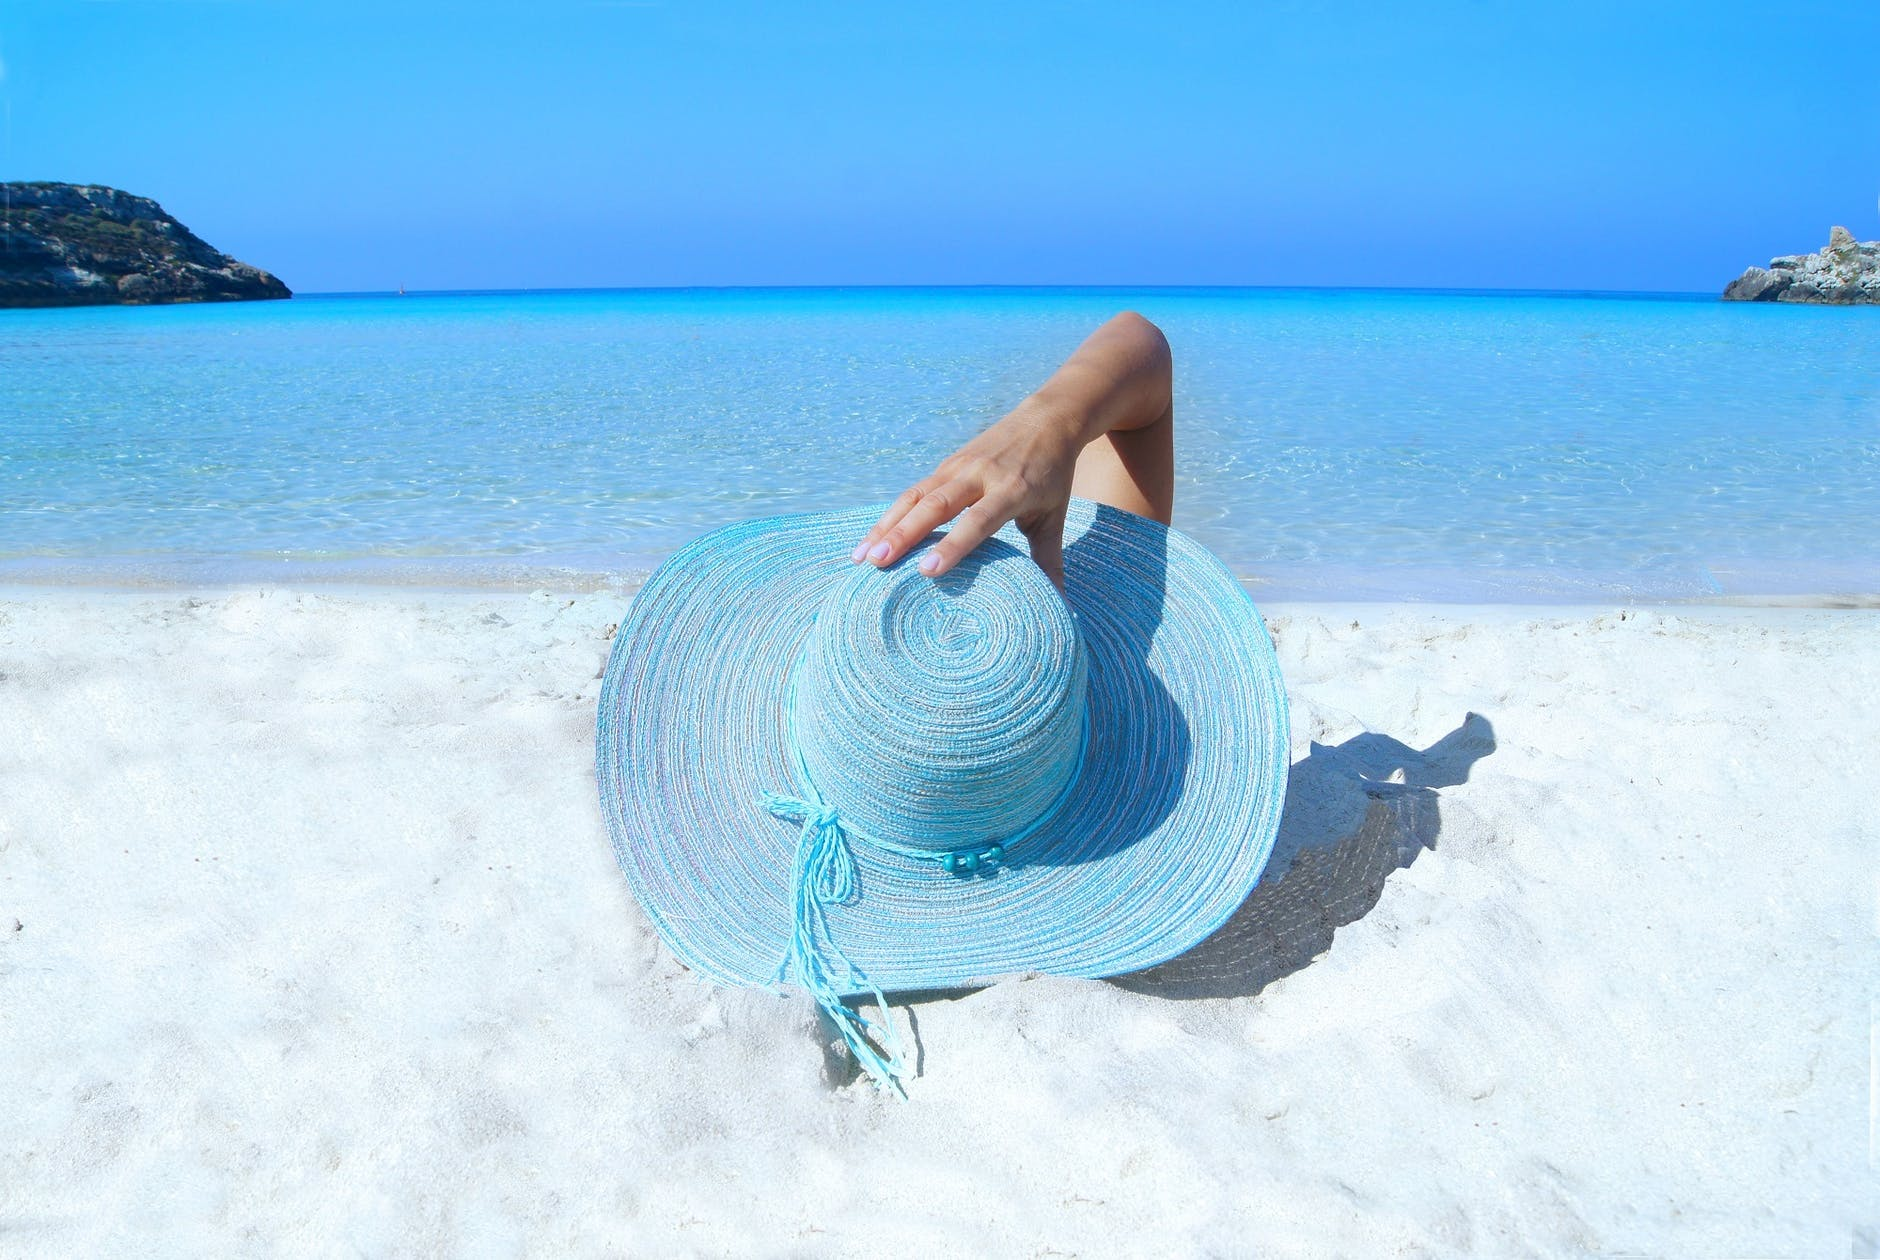 Pessoa de costas deitada na praia no verão com chapéu